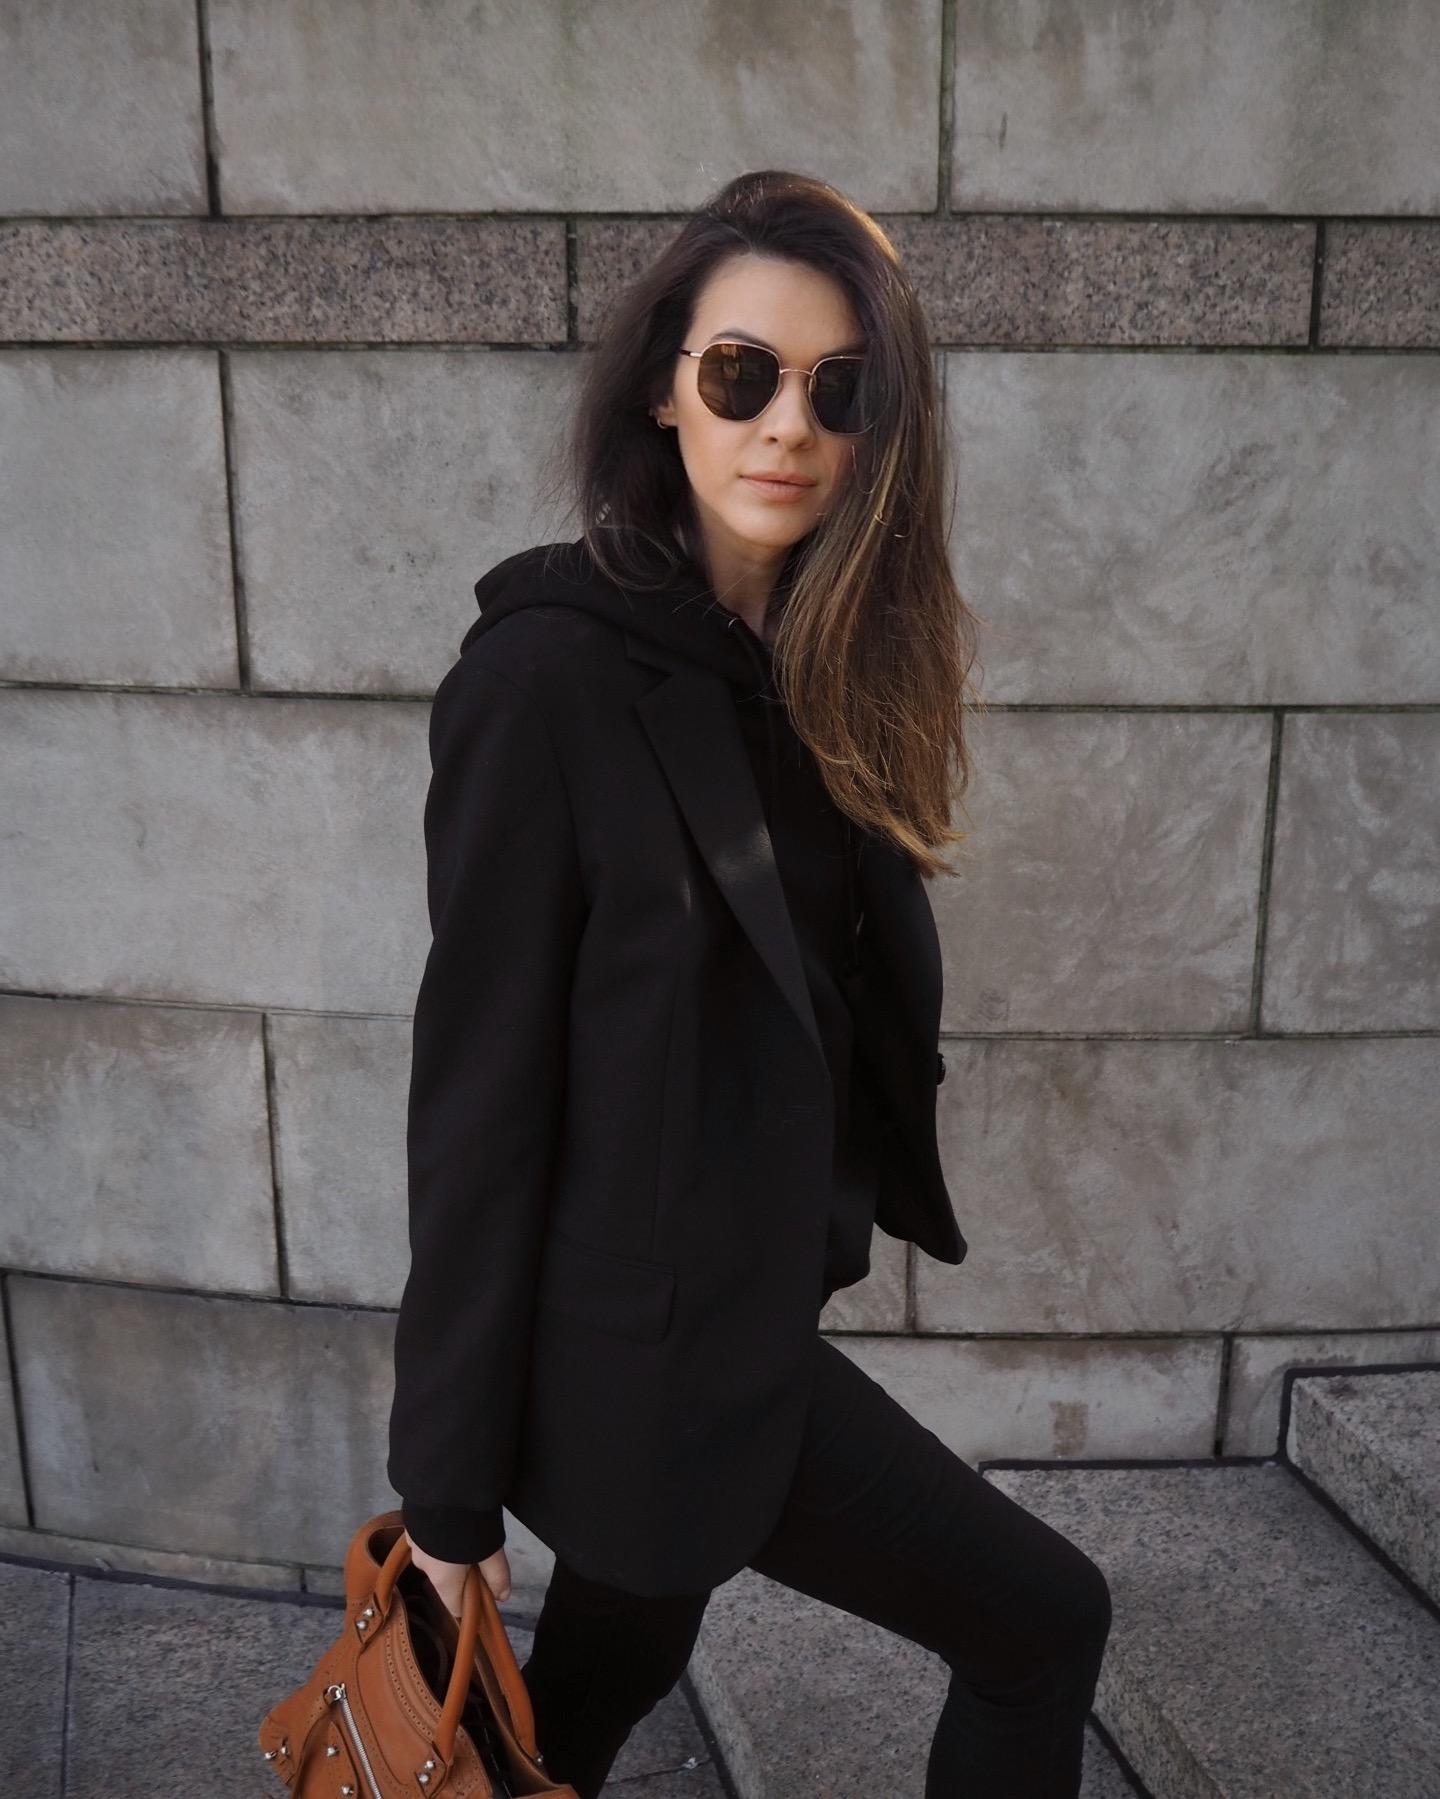 @julialundinblog wearing Arket